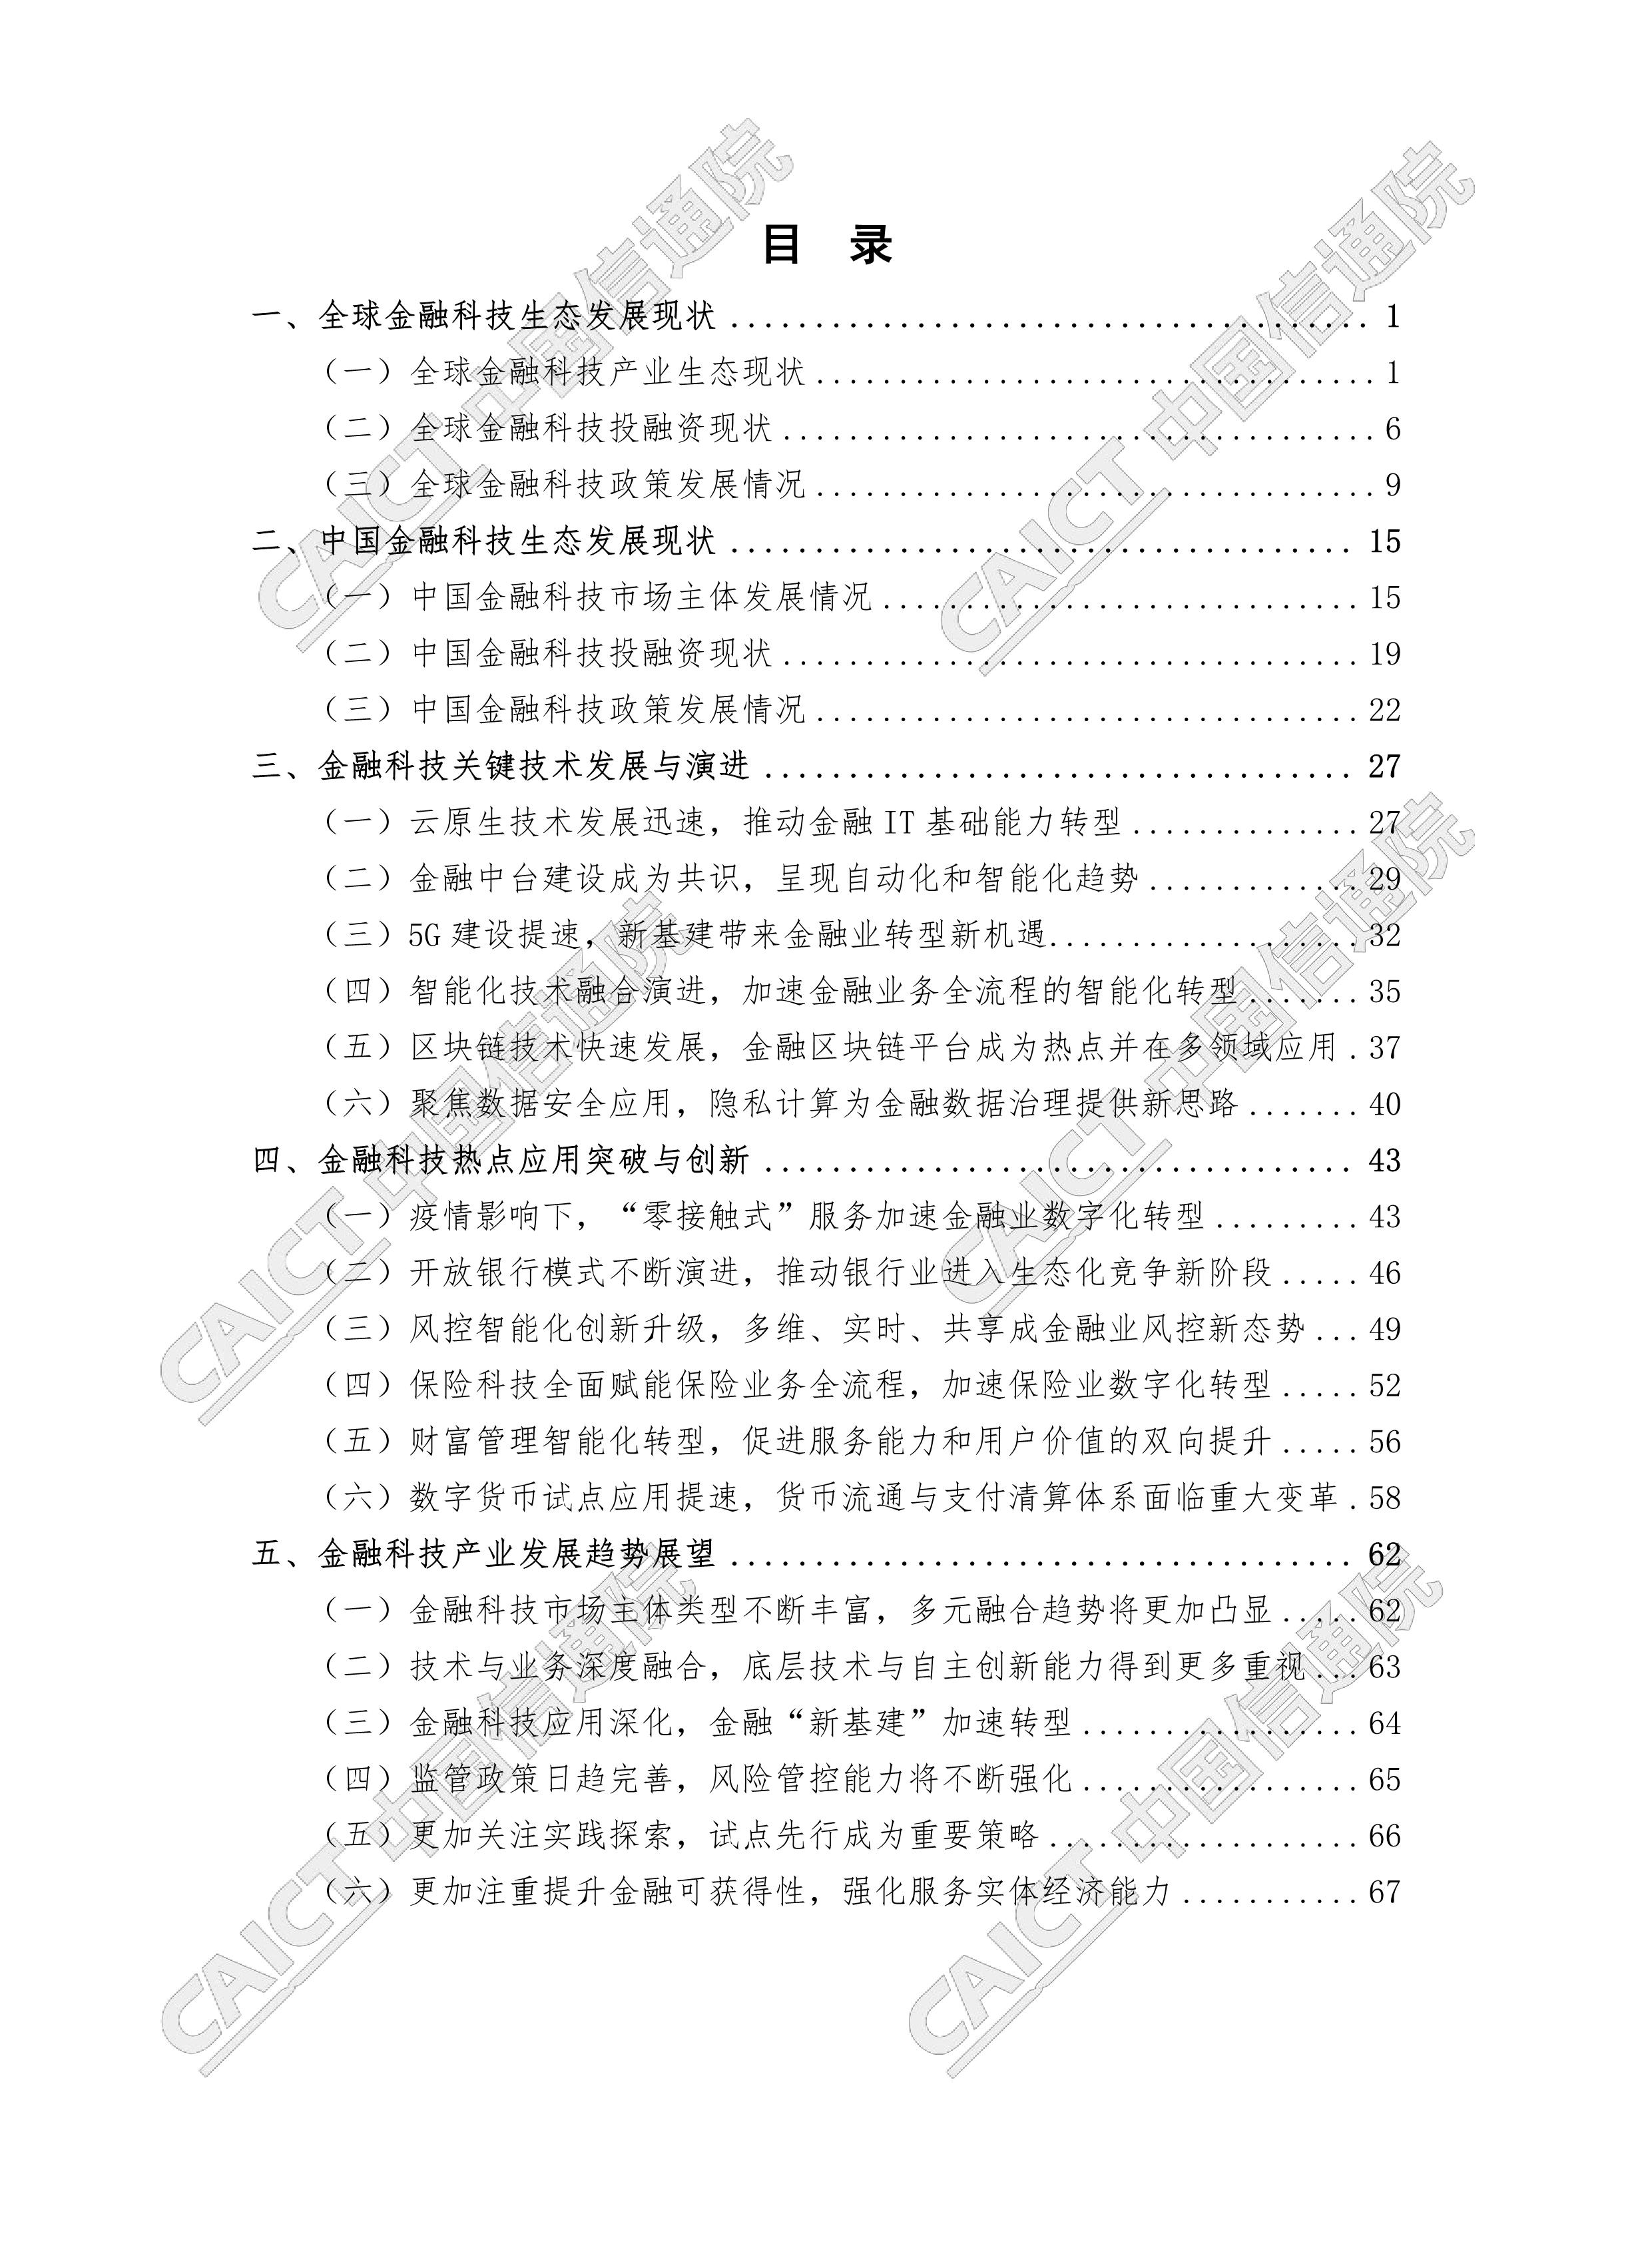 【行業報告】中國金融科技生態白皮書(完整版76頁、附pdf下載)-圖5